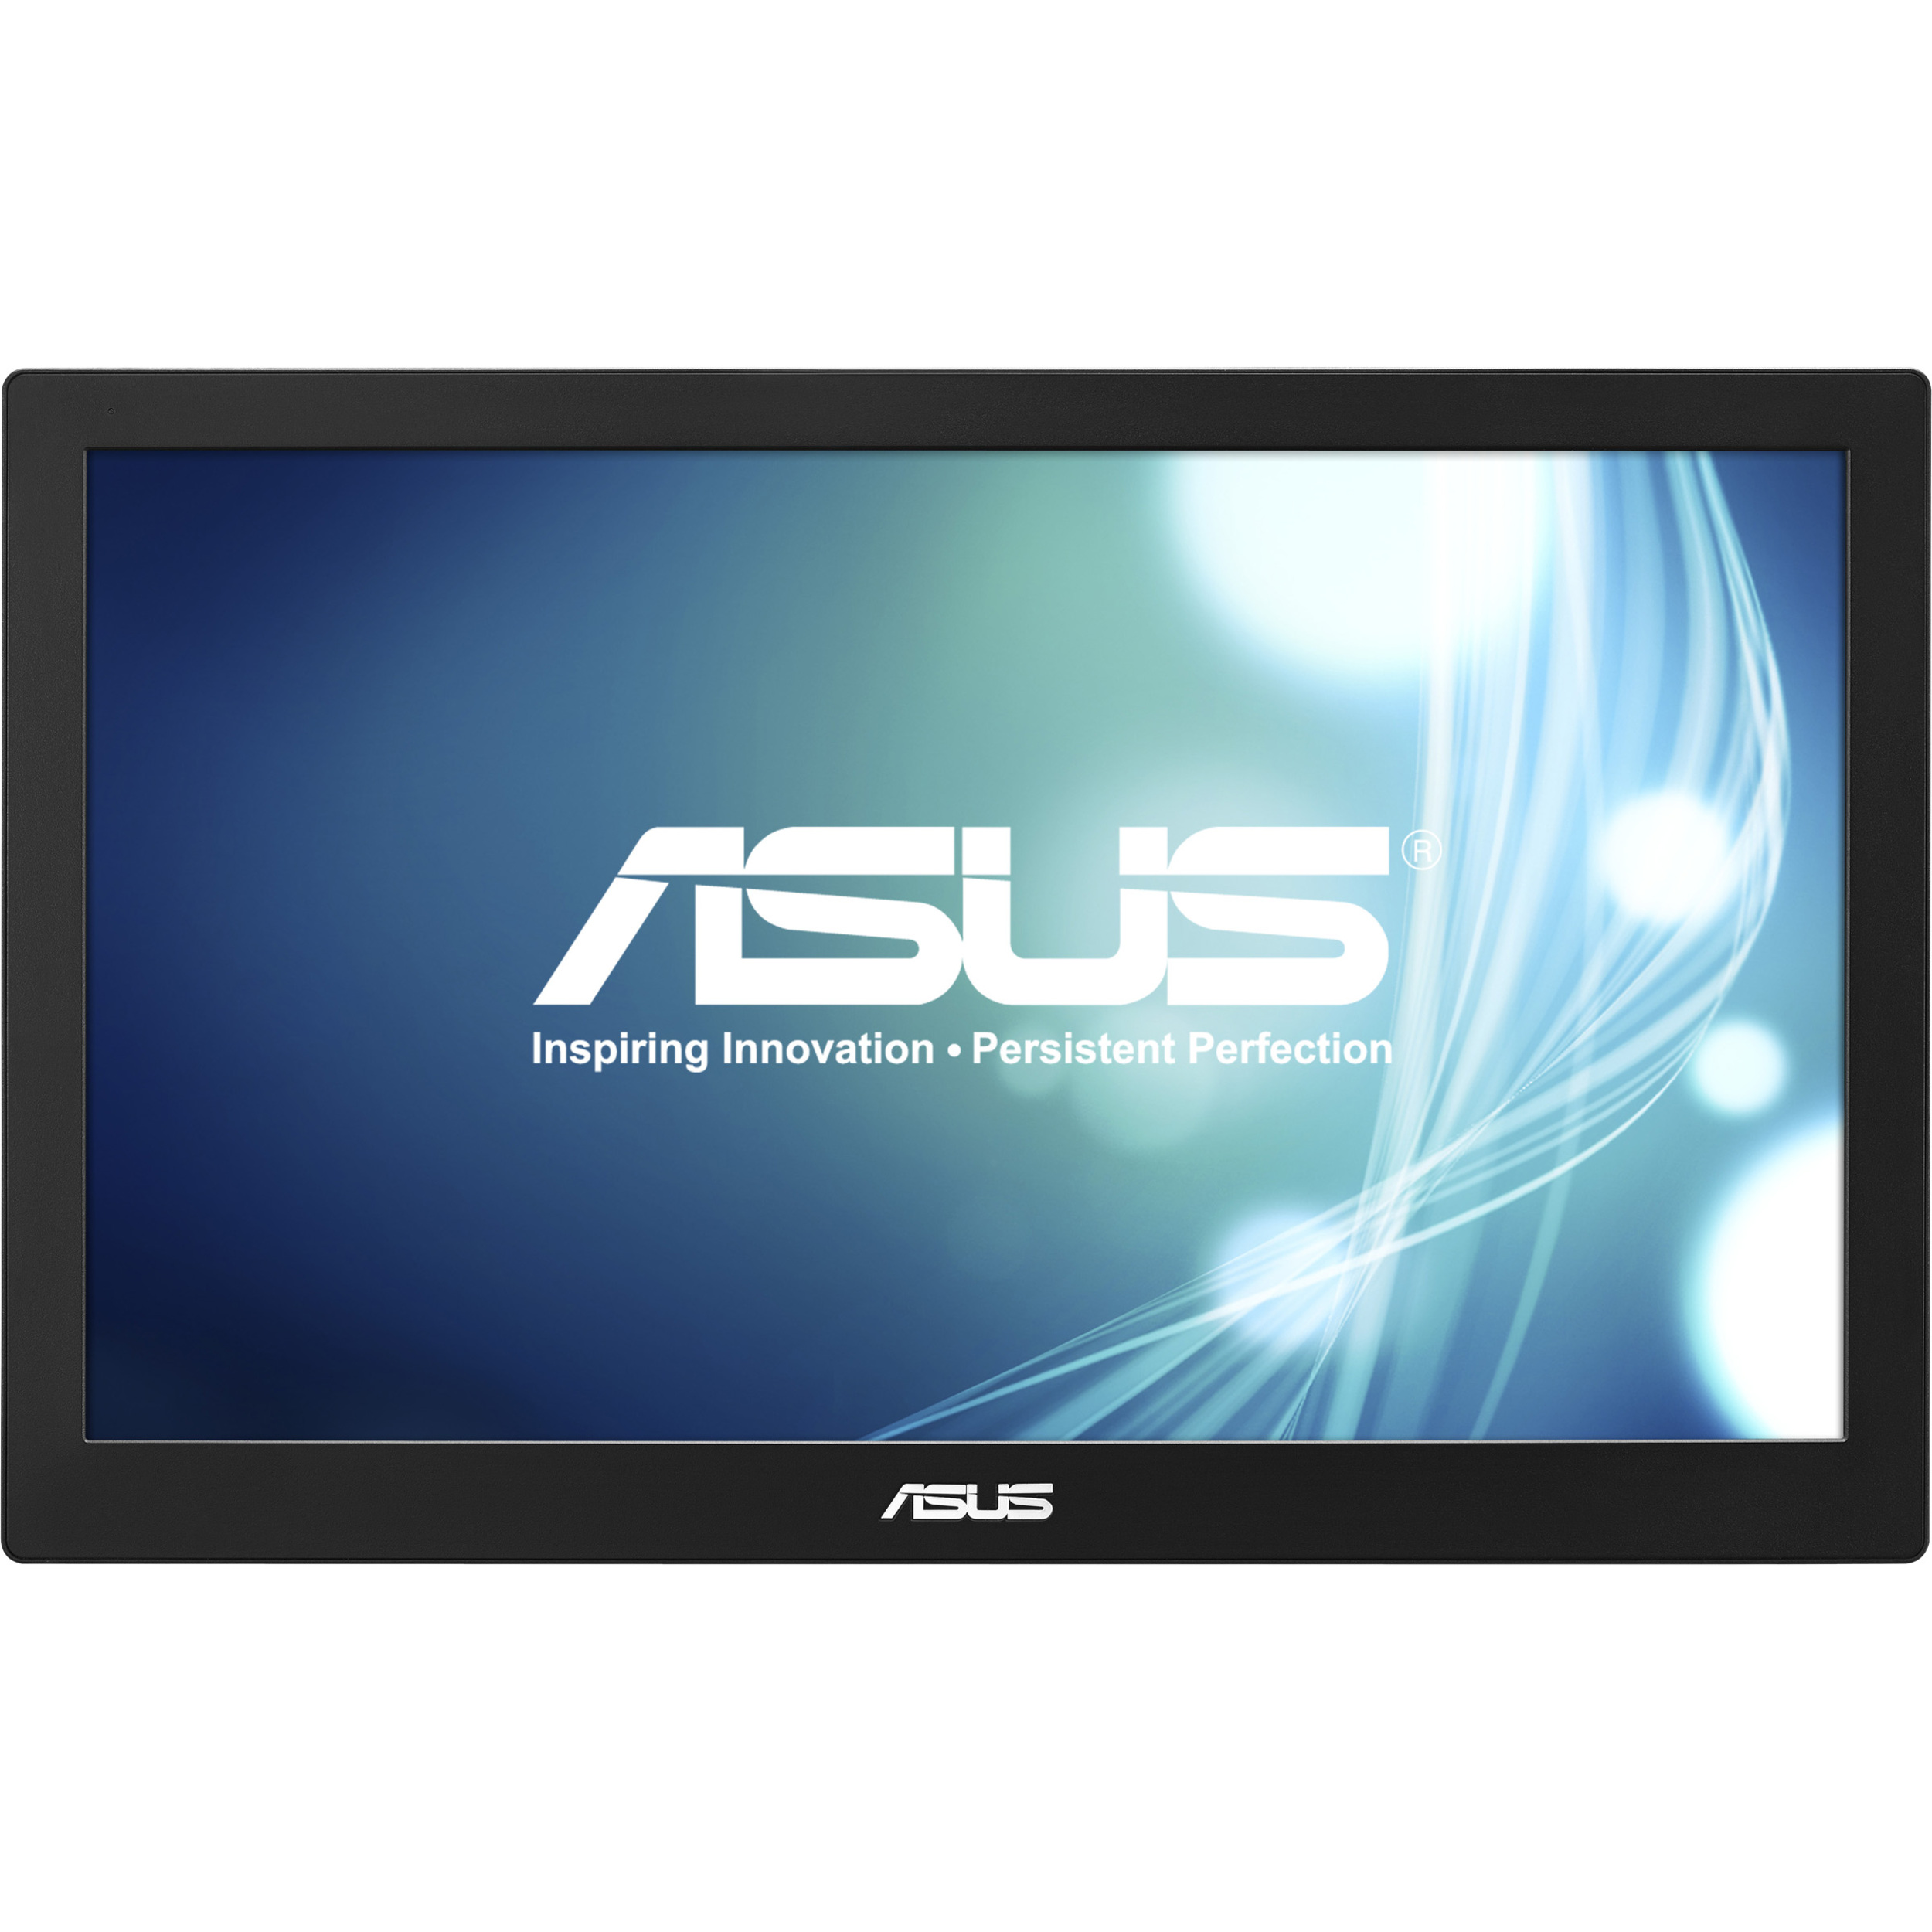 """Asus MB168B 15.6"""" HD LED LCD Monitor - 16:9 - Black, Silver_subImage_1"""